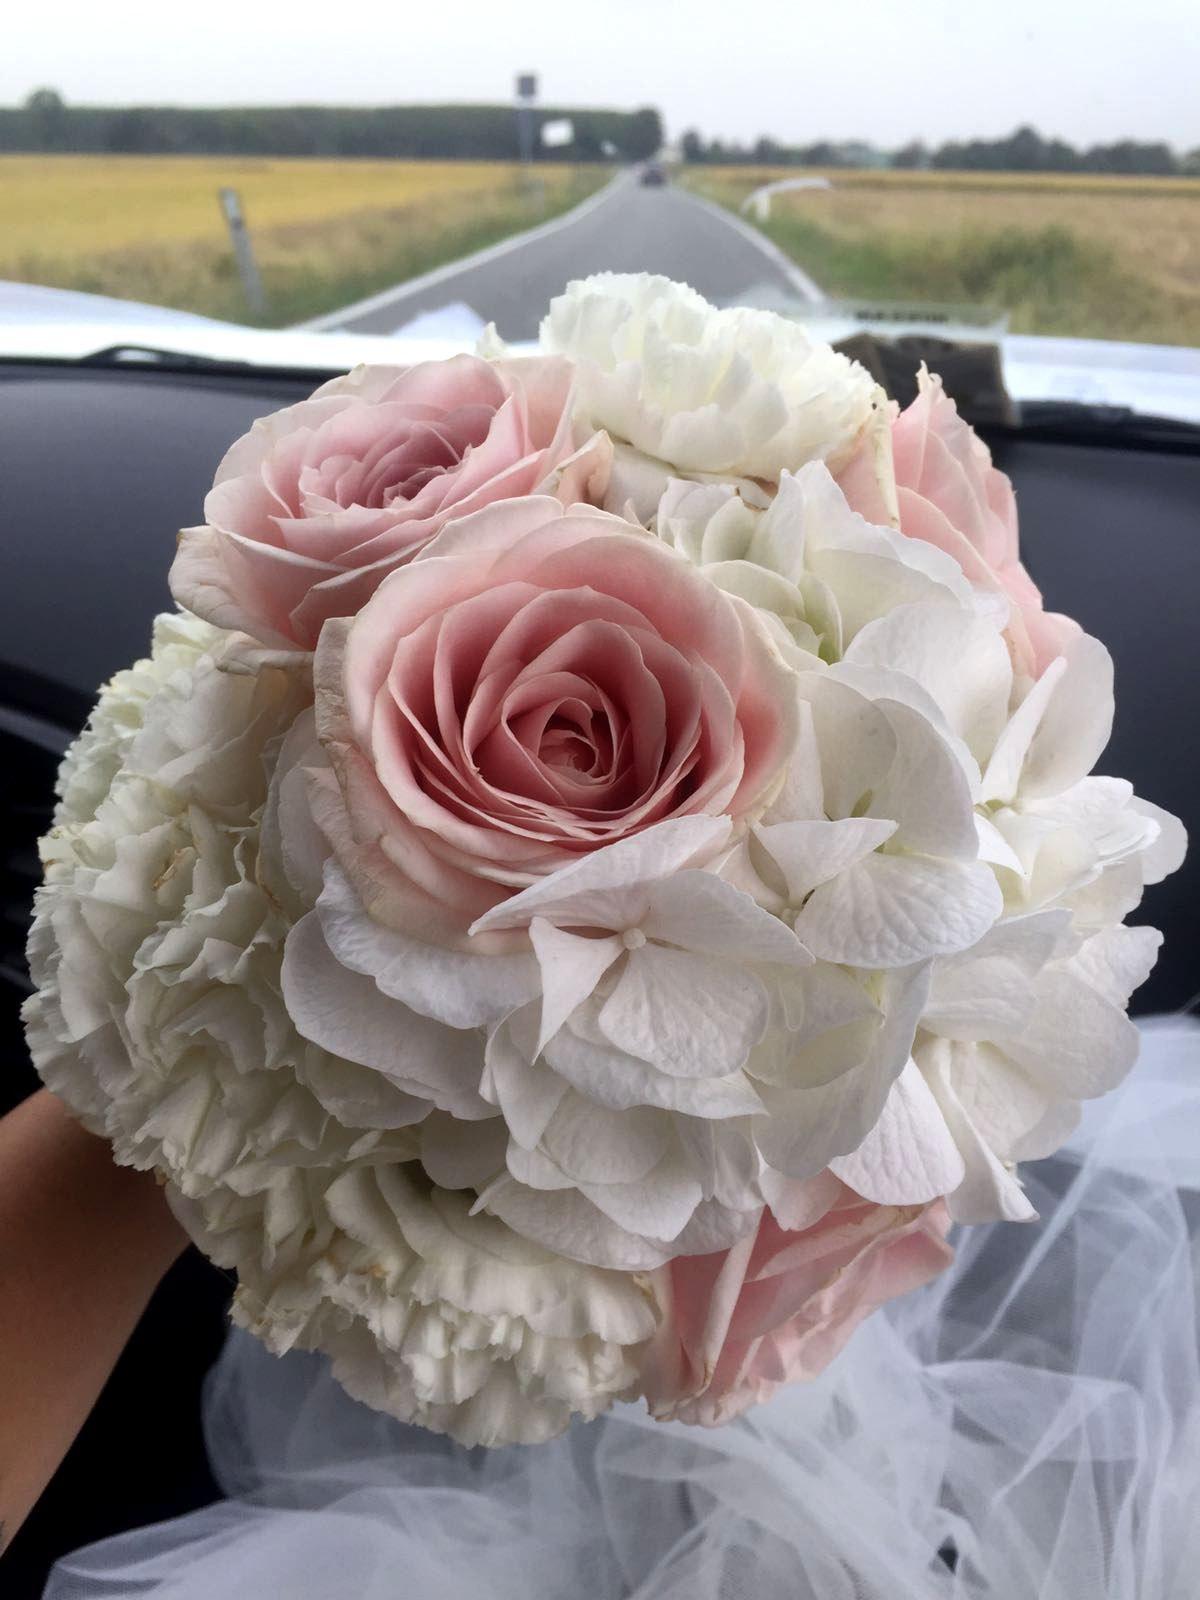 Bouquet Sposa Rose E Ortensie.Bouquet Da Sposa Realizzato Con Ortensie E Garofani Bianchi E Rose